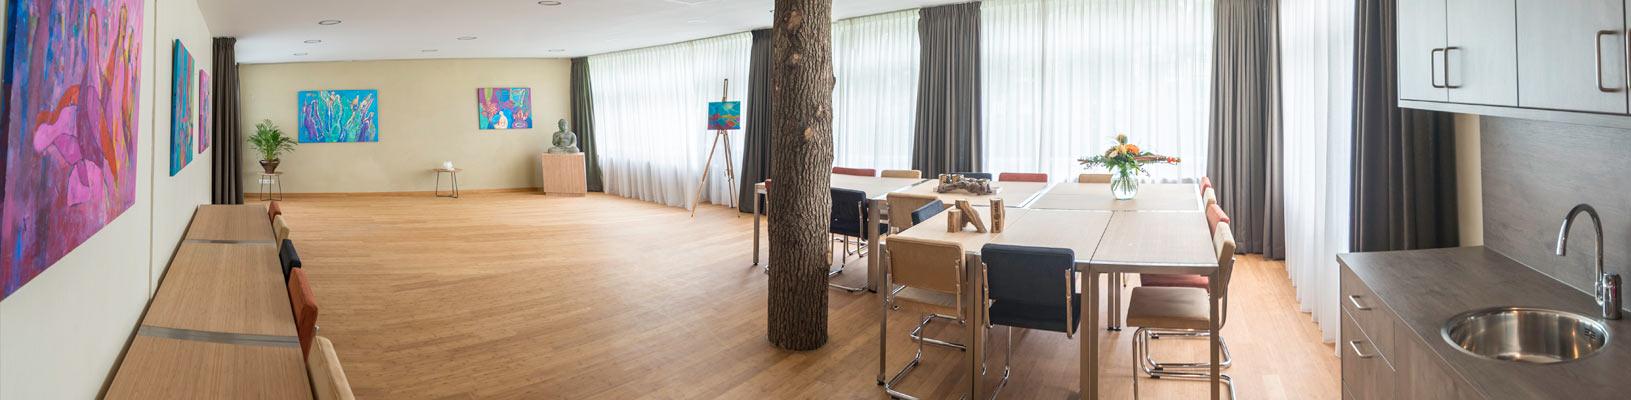 Yoga in het HeelHuus HeelHuus Gezondheidscentrum Warnsveld Zutphen